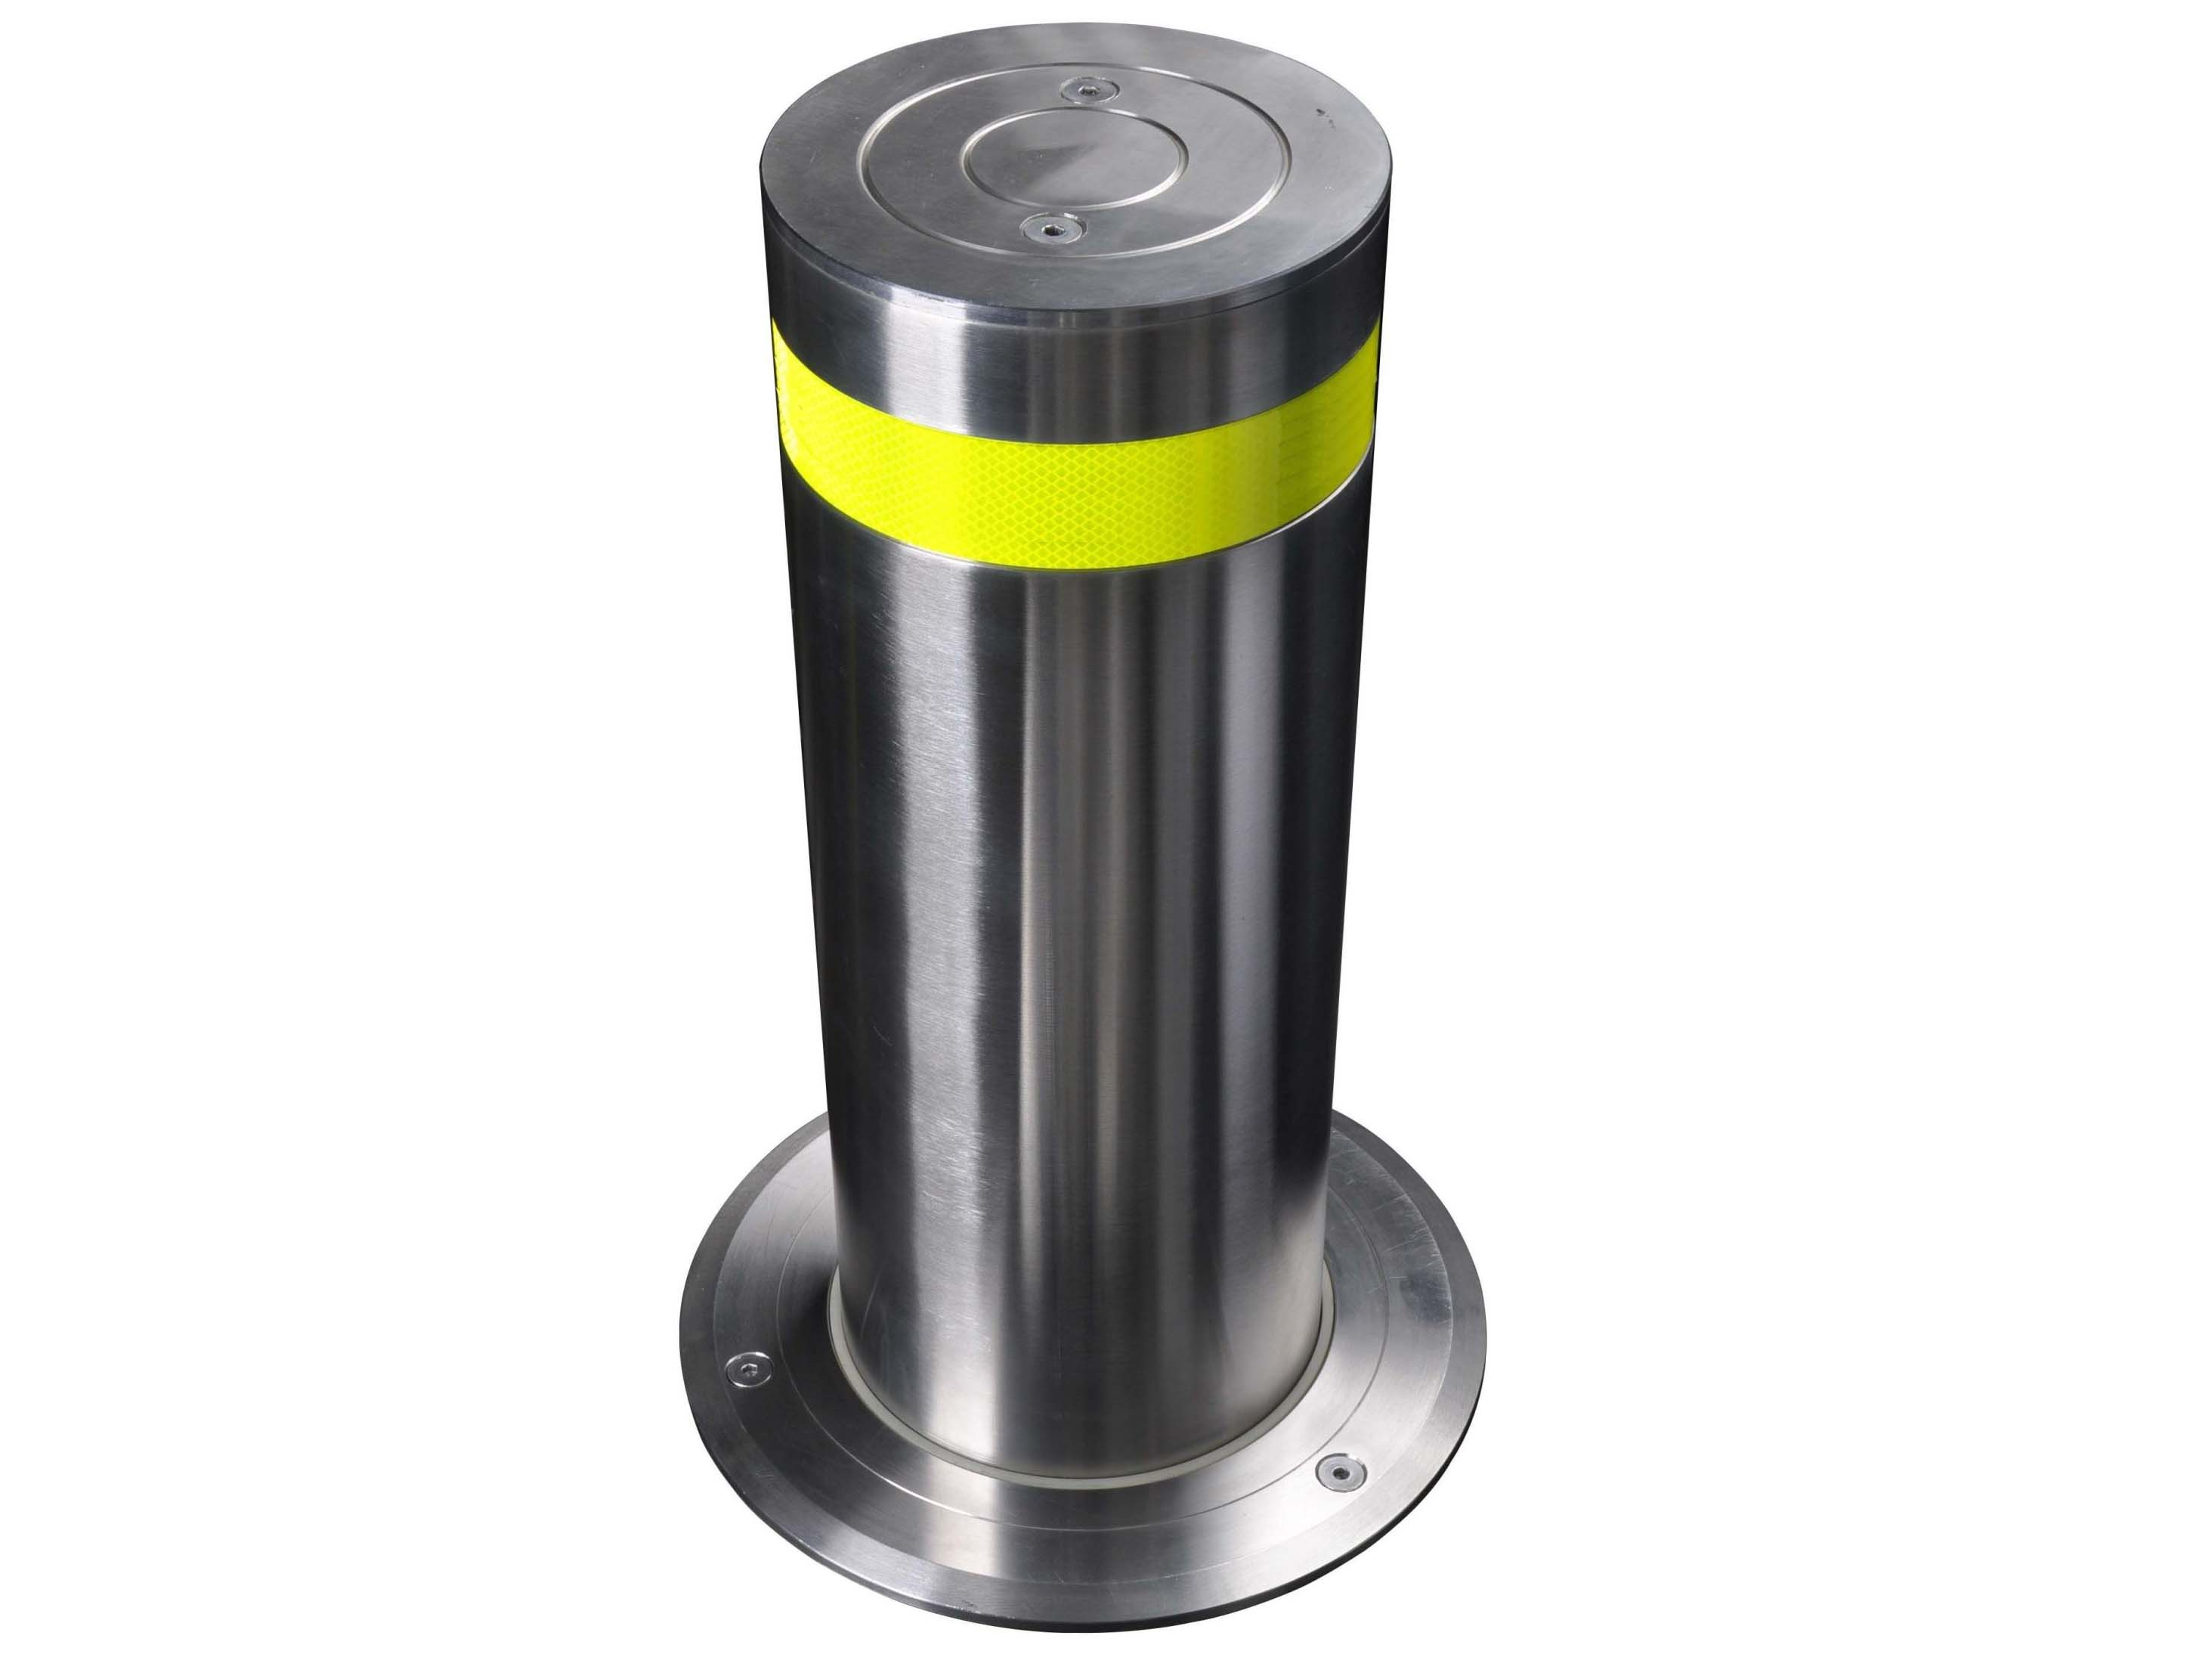 成都升降柱-ODIC 液压柱